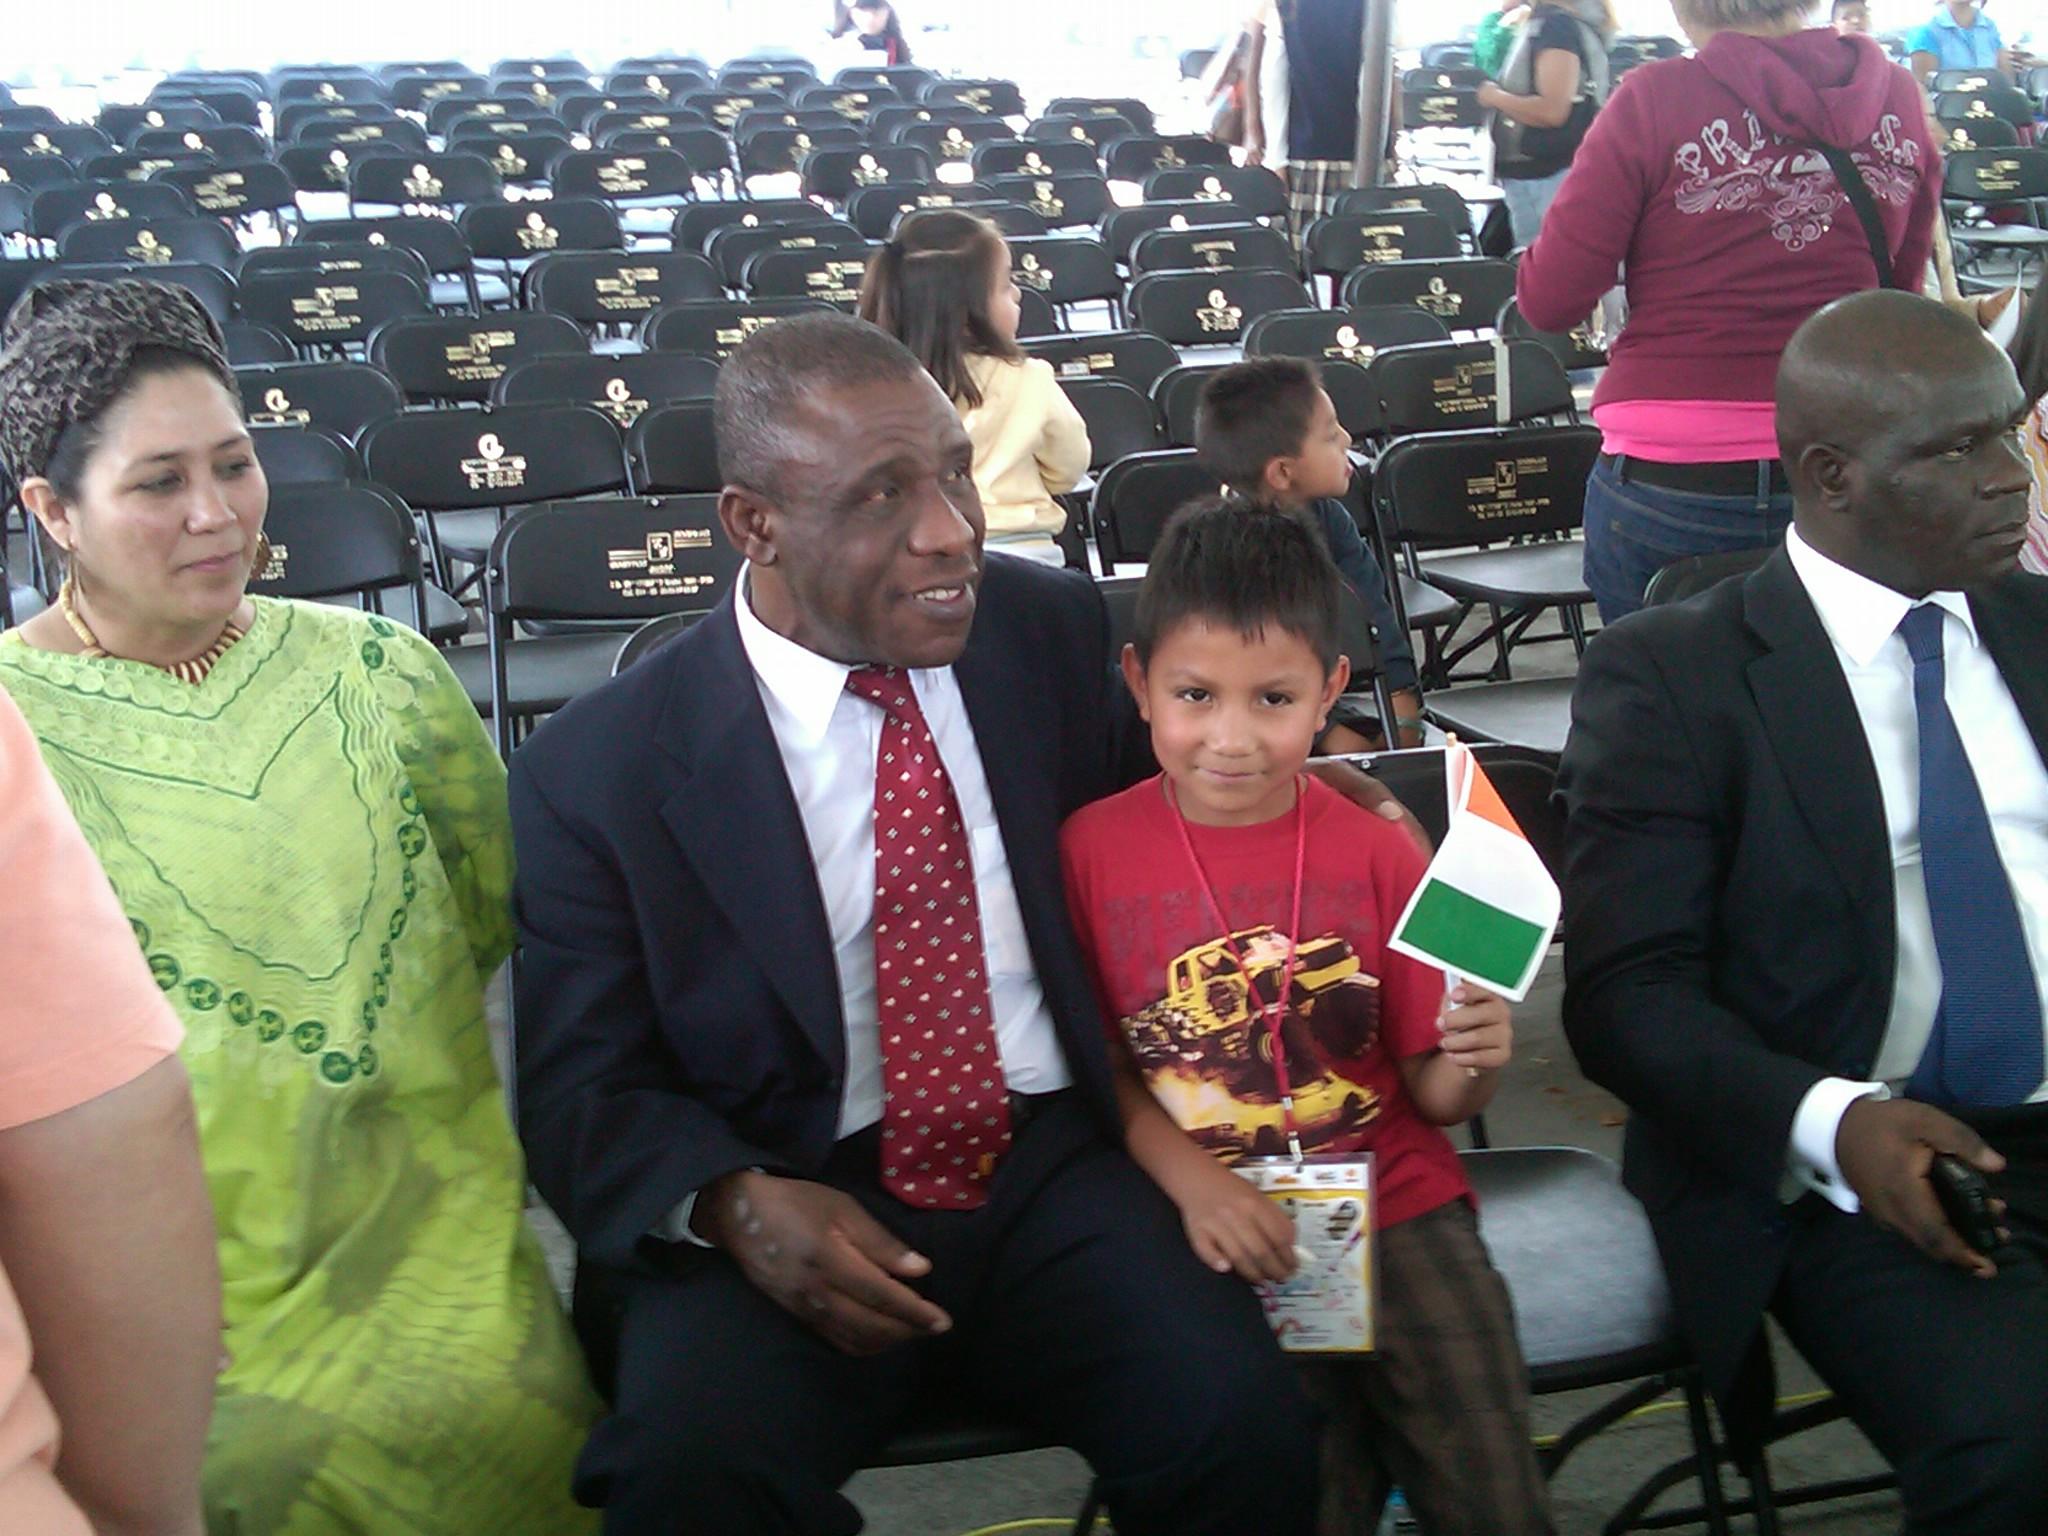 Educación_intercultural,_Embajador_de_Costa_de_Marfil_y_comitiva_en_cierre_de_actividades_de_niños__